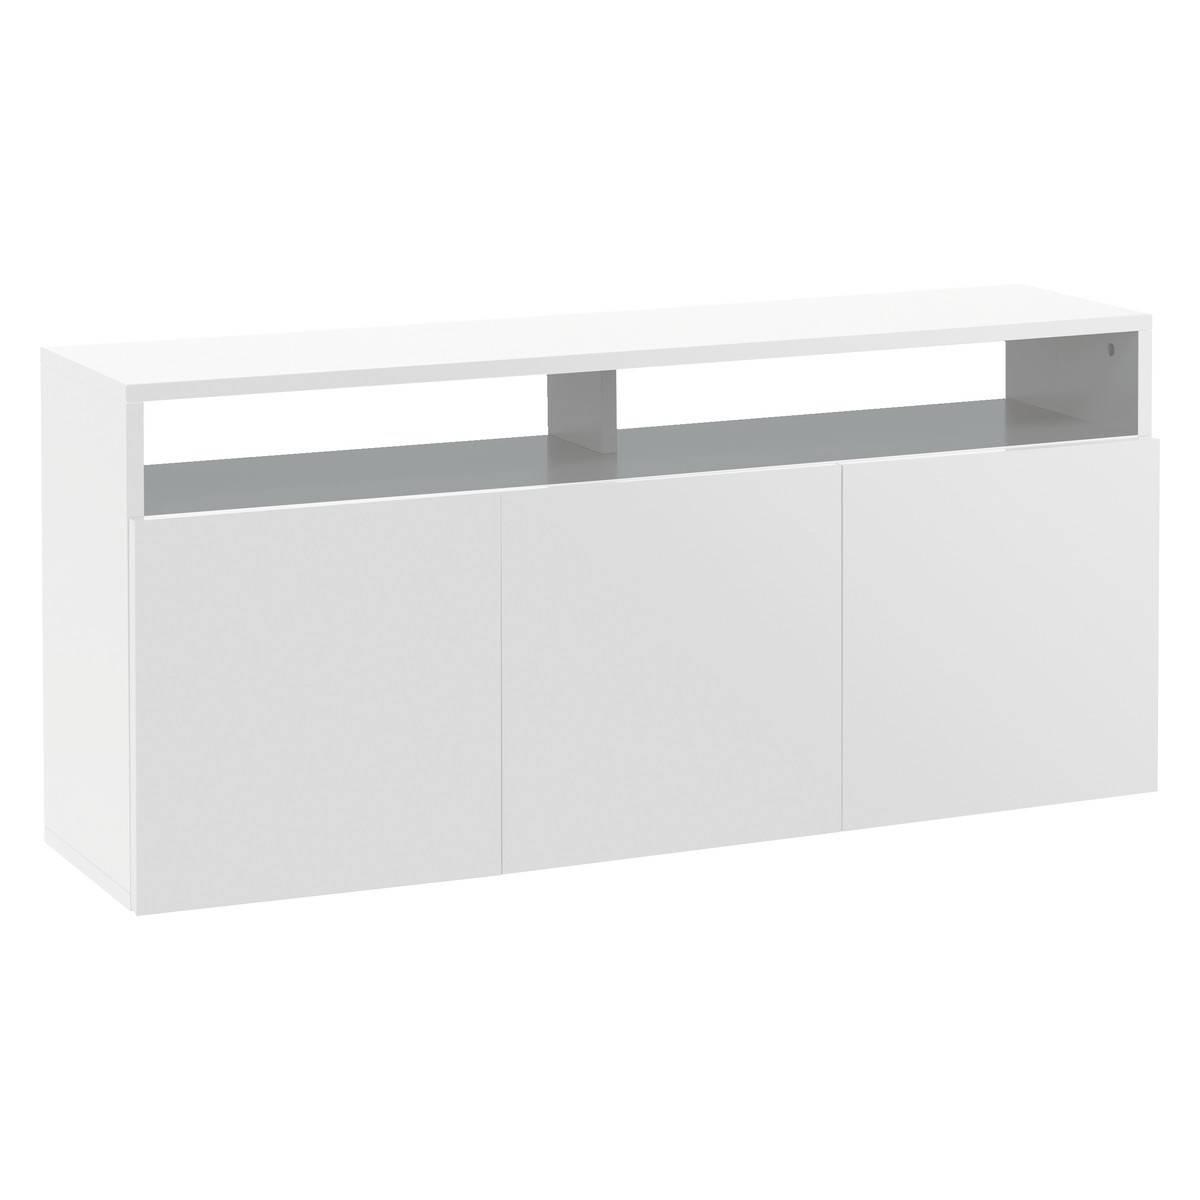 Kubrik White High Gloss Large Sideboard   Buy Now At Habitat Uk Throughout Large White Sideboard (#10 of 20)